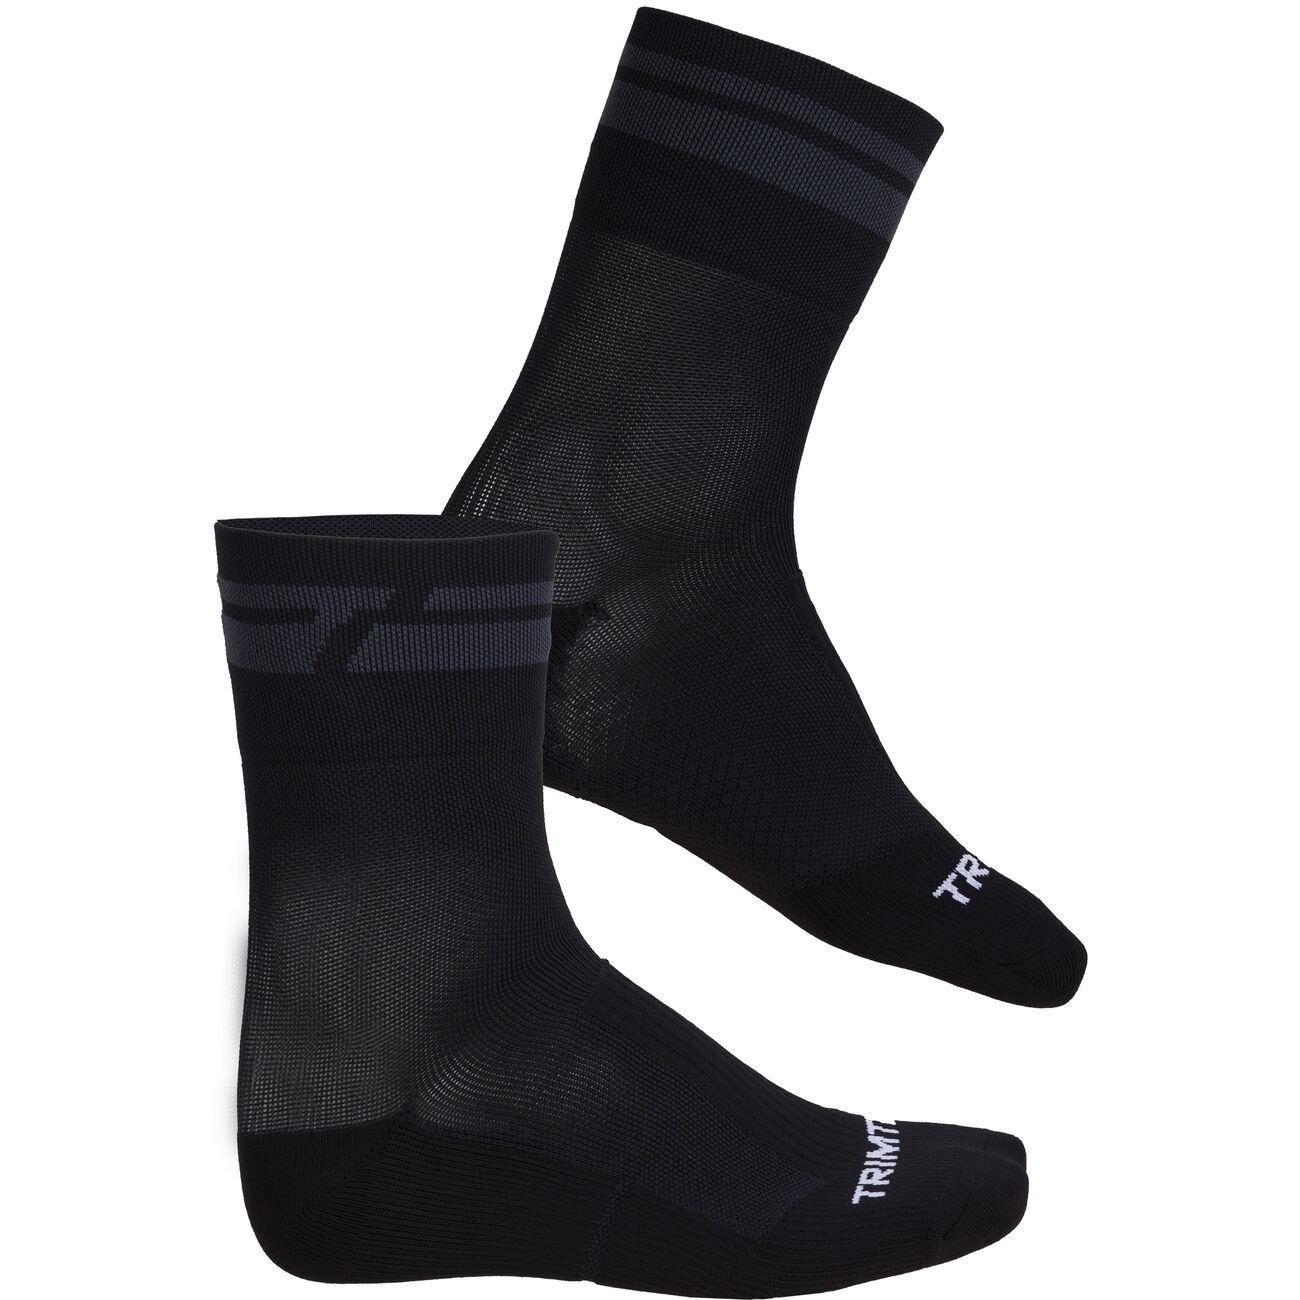 Pro meryl sokker 2-pack